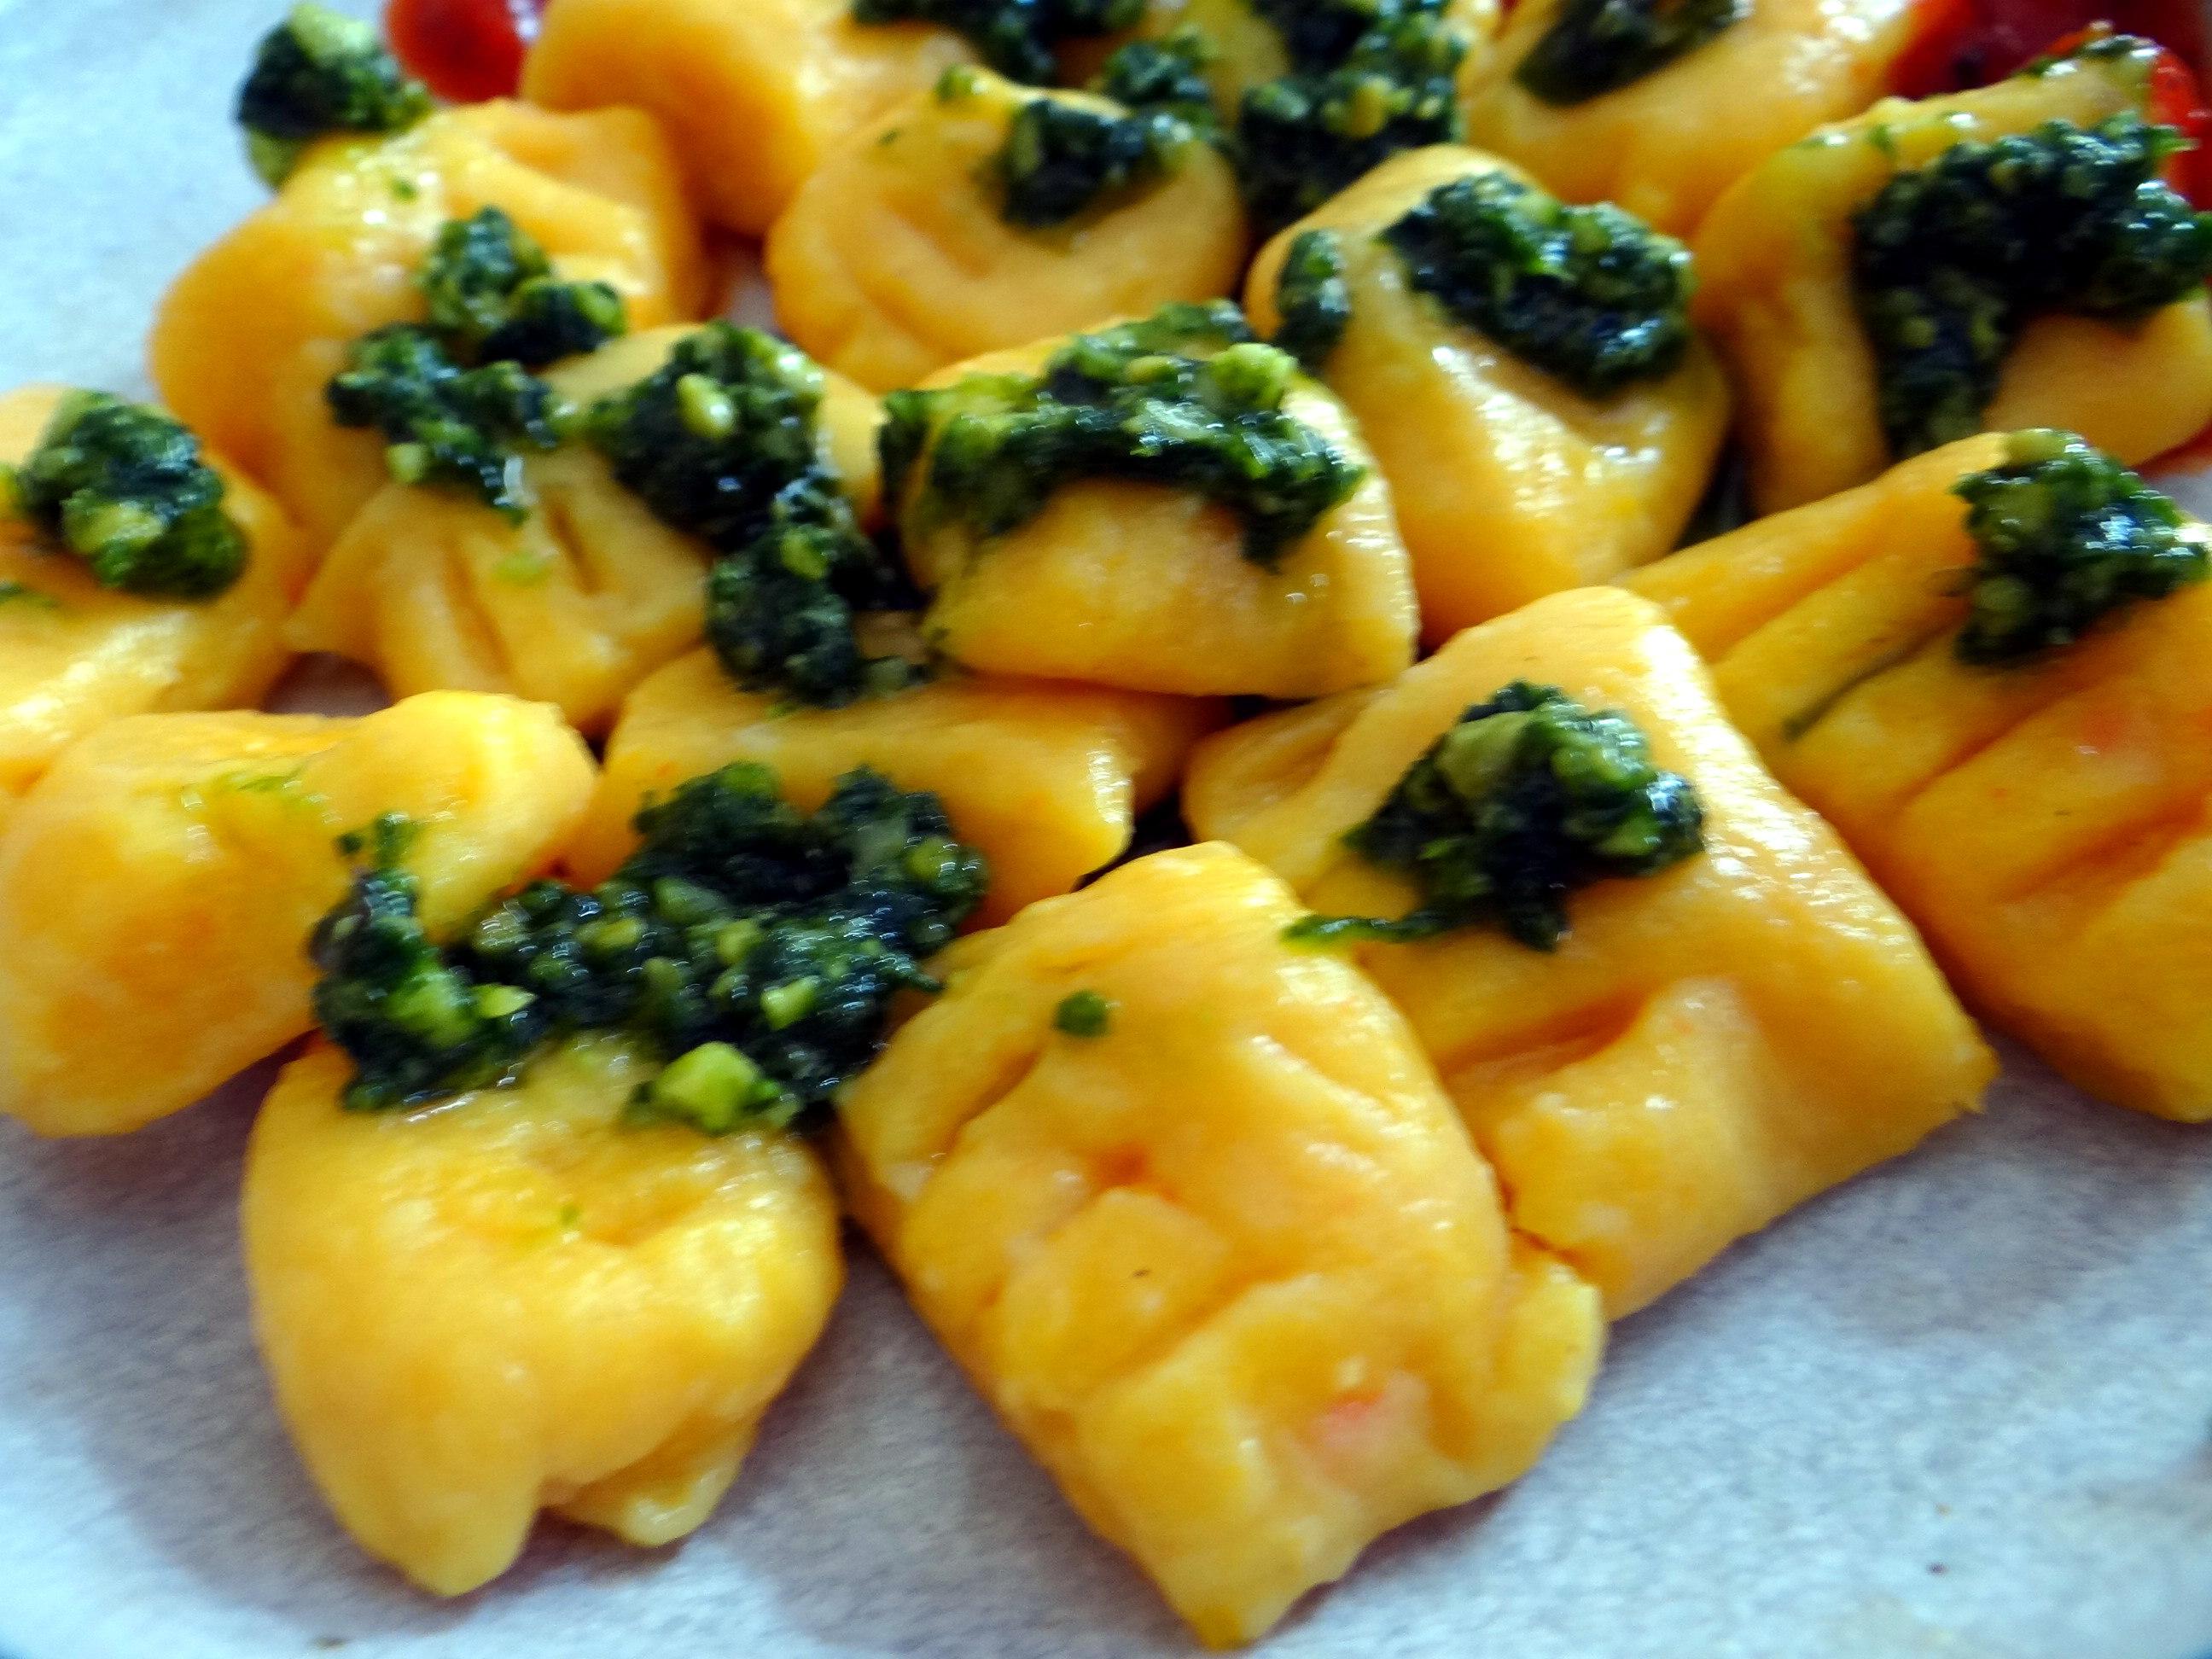 Kartoffel-Kürbis Gnocchis,Tomatensoße,Gurkensalat,vegetarisch (5)